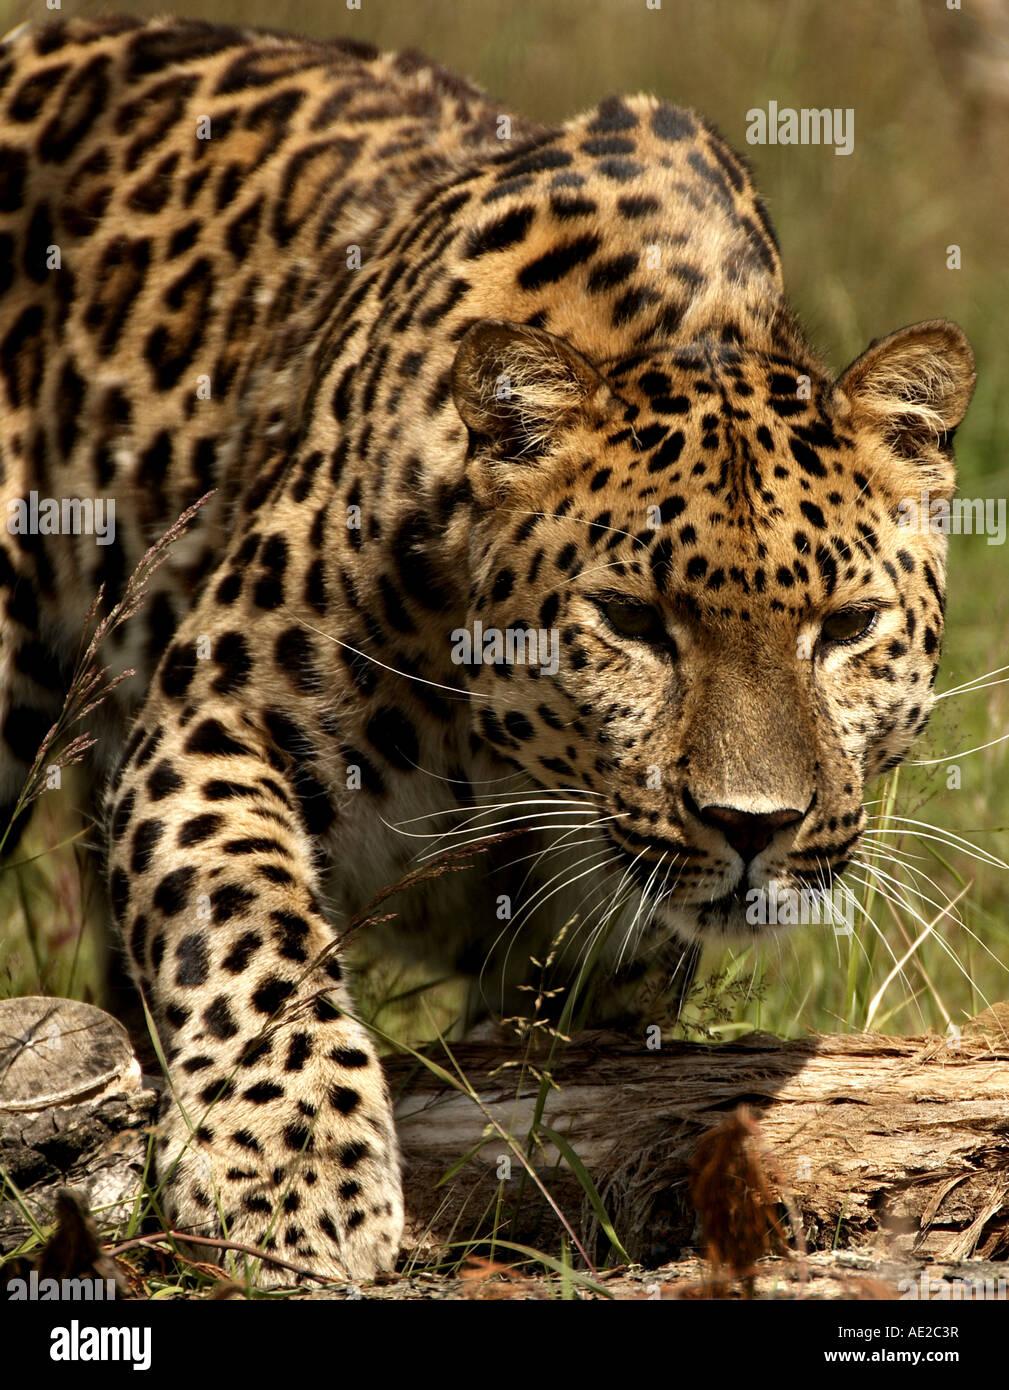 Amur Leopard, Wildlife Heritage Foundation, Kent, UK - Stock Image